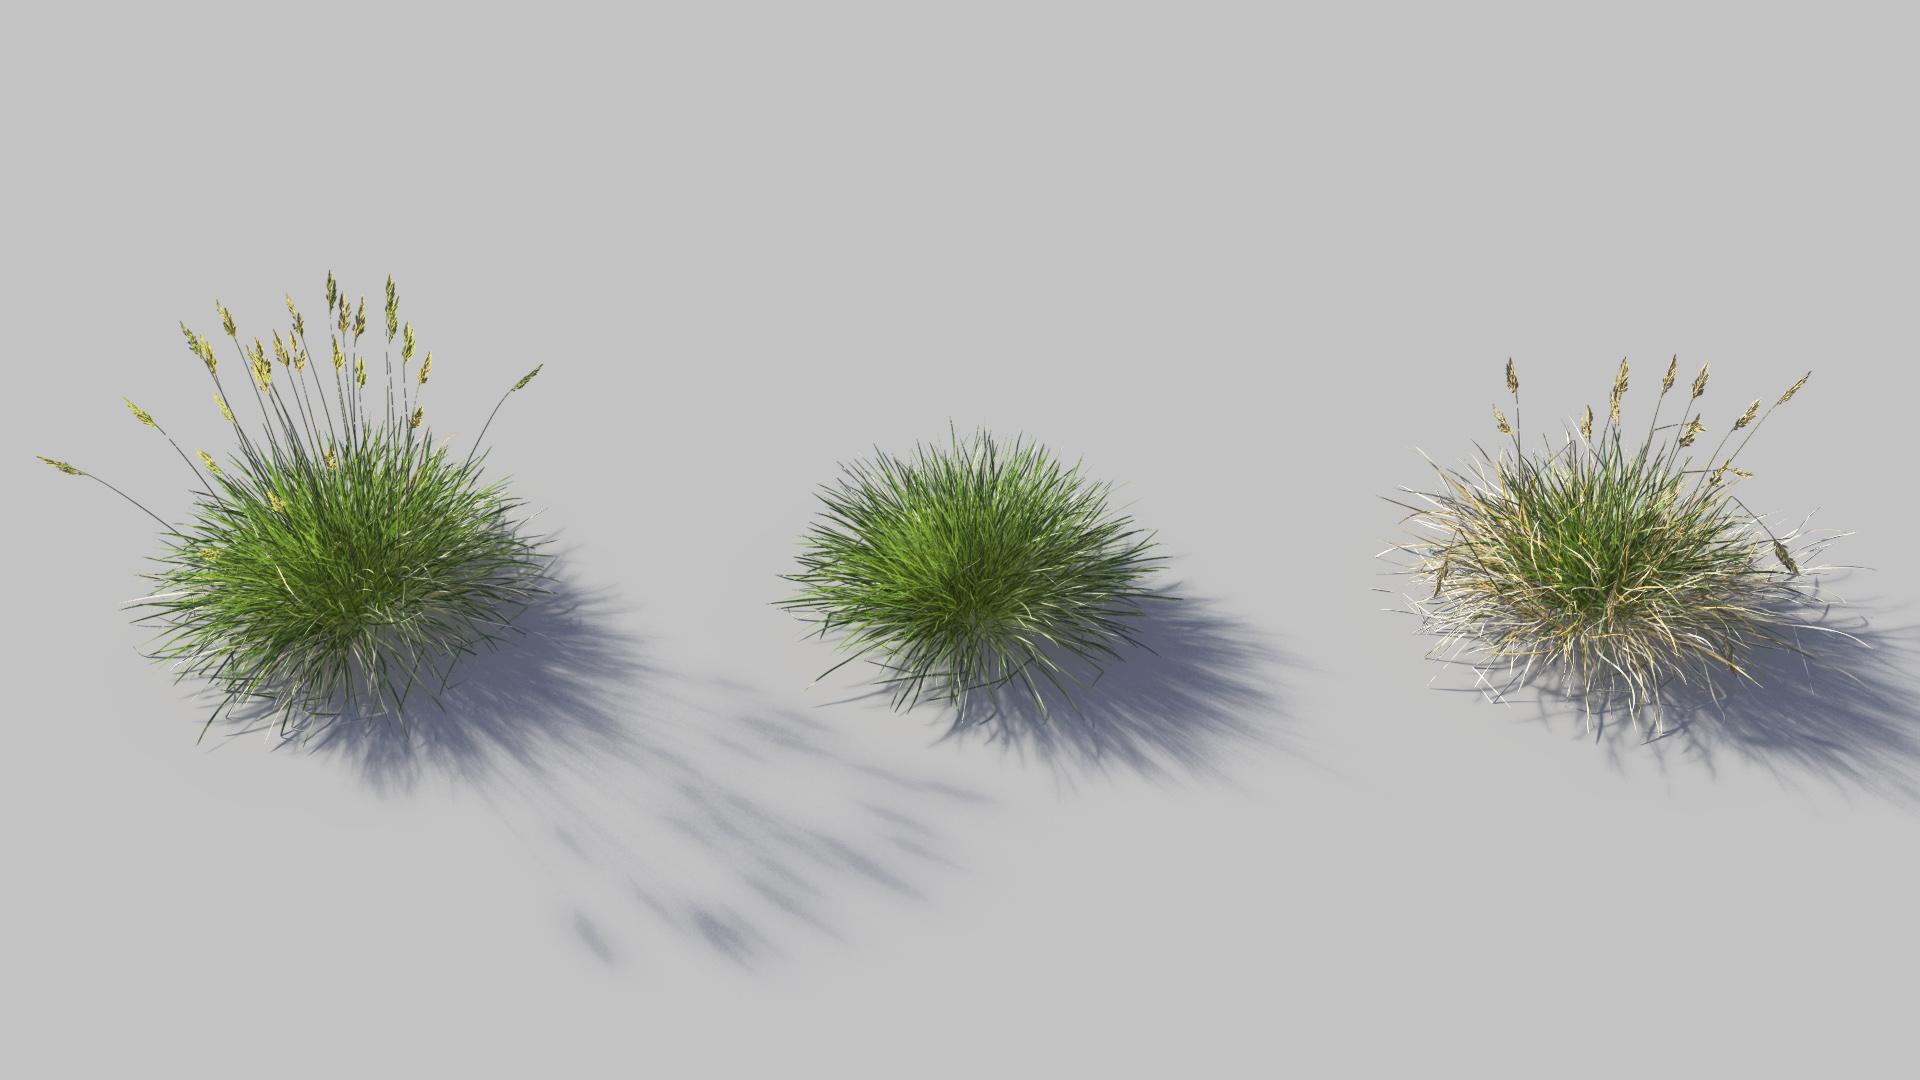 3D model of the Spiky fescue Festuca gautieri